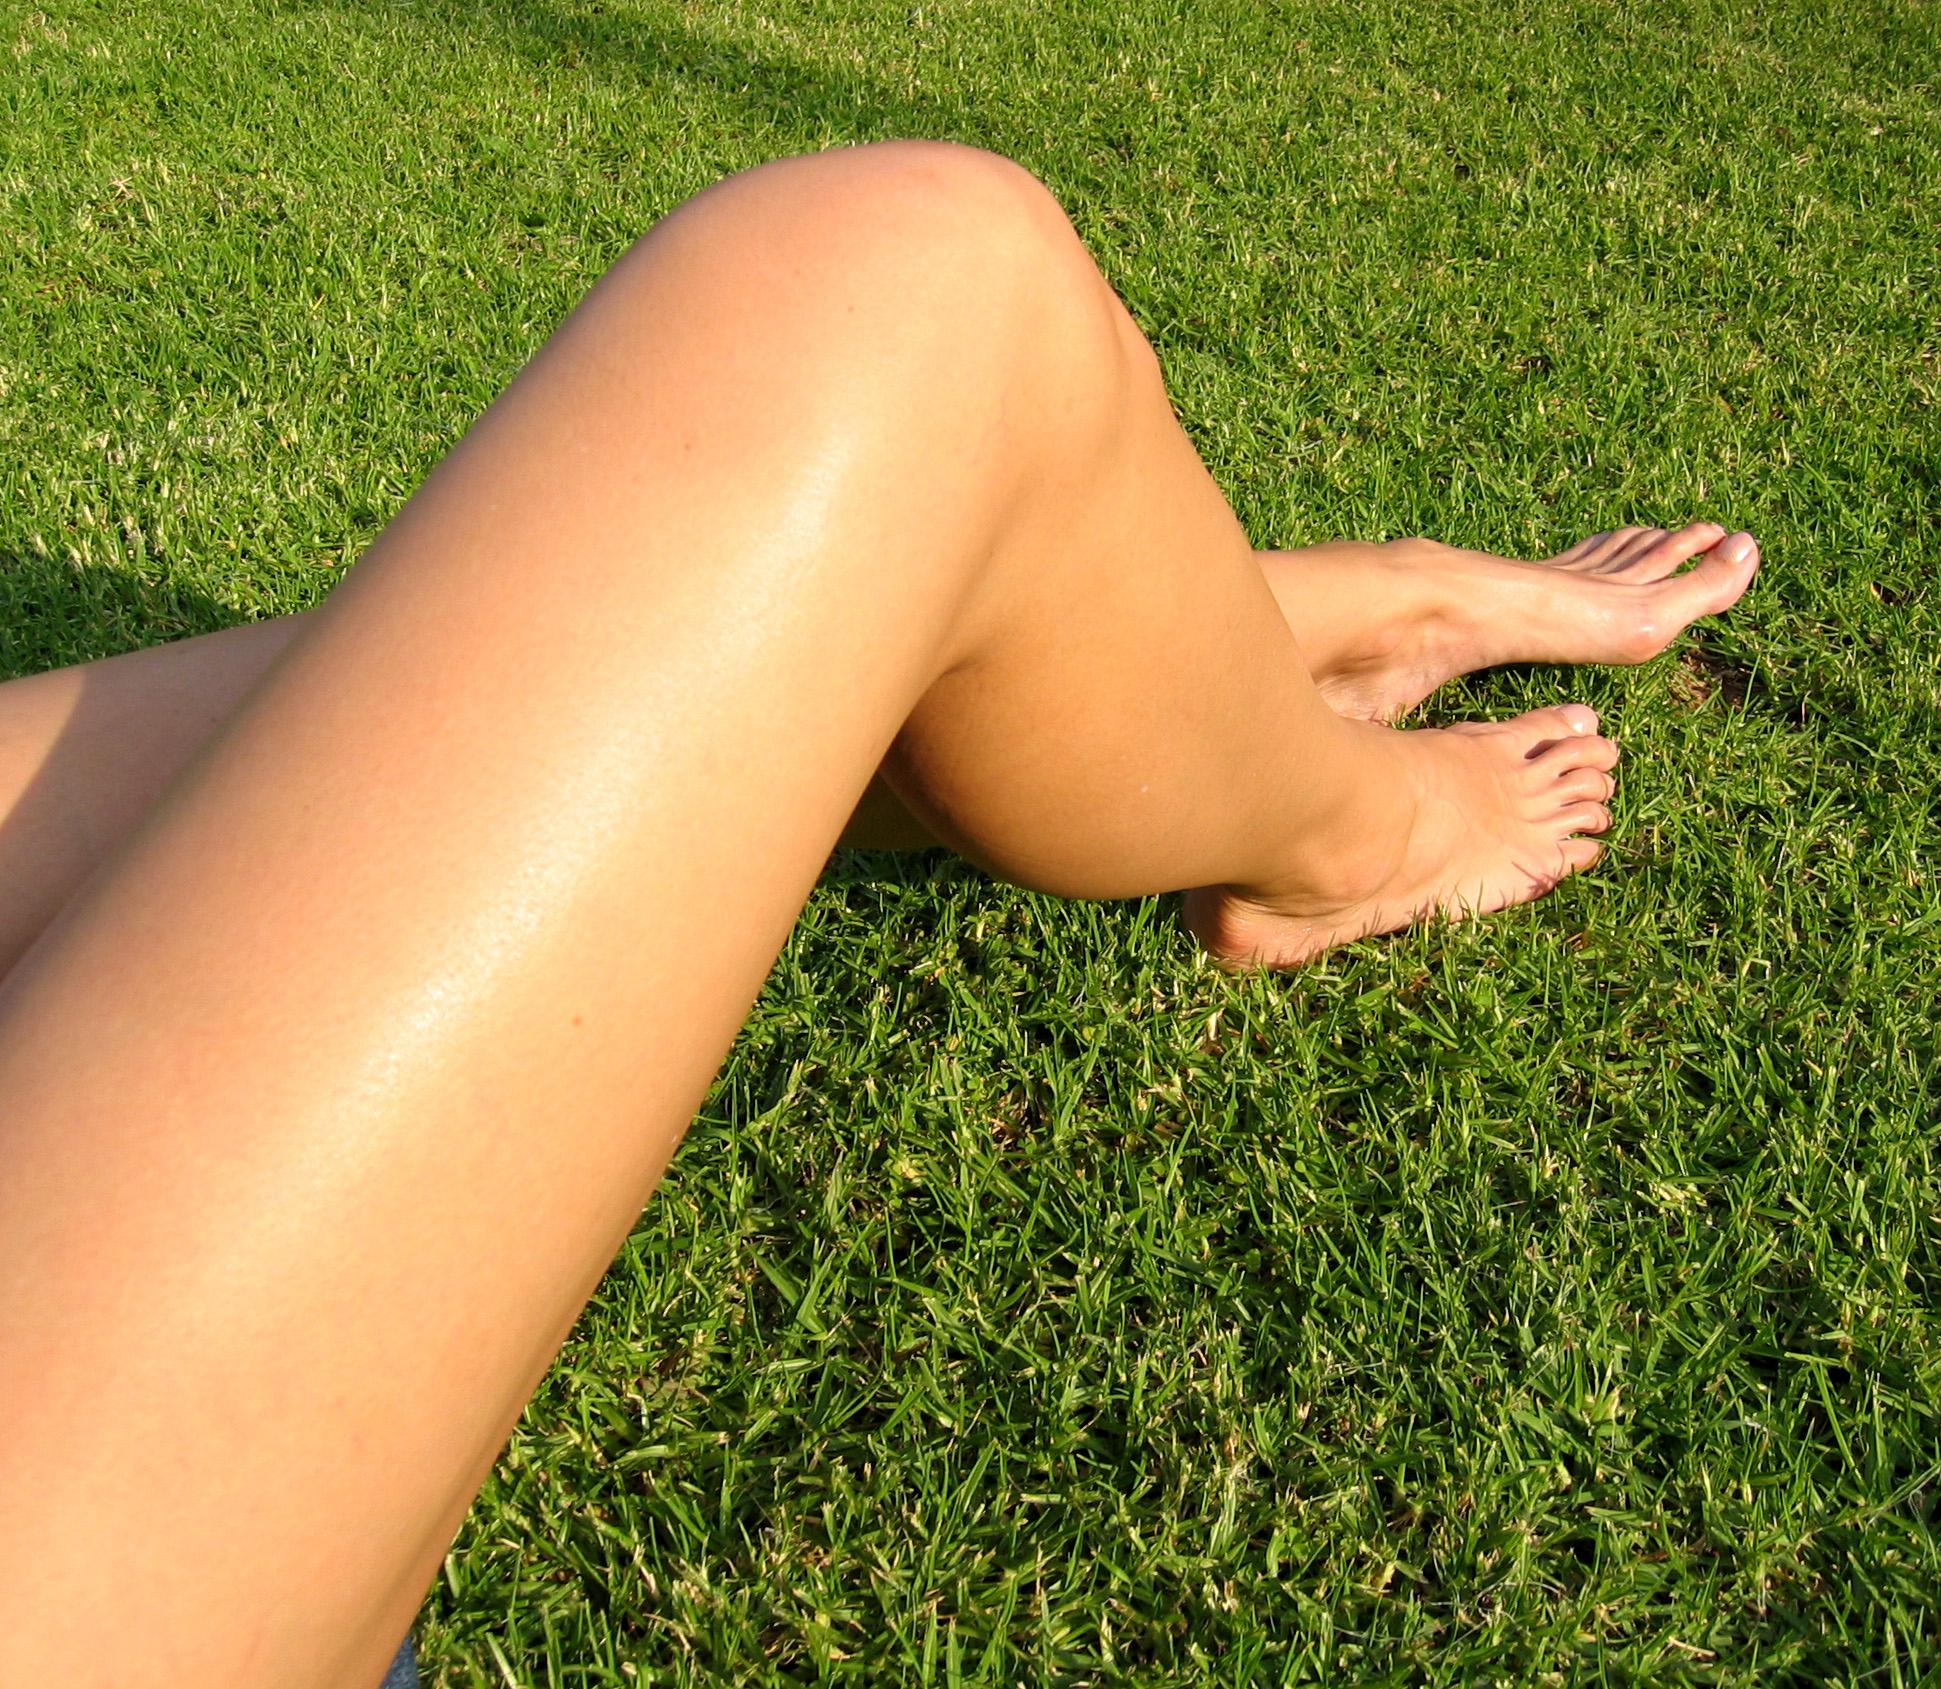 fájdalom a jobb láb lábának ízületeiben mozgatáskor a térdízület fájdalma